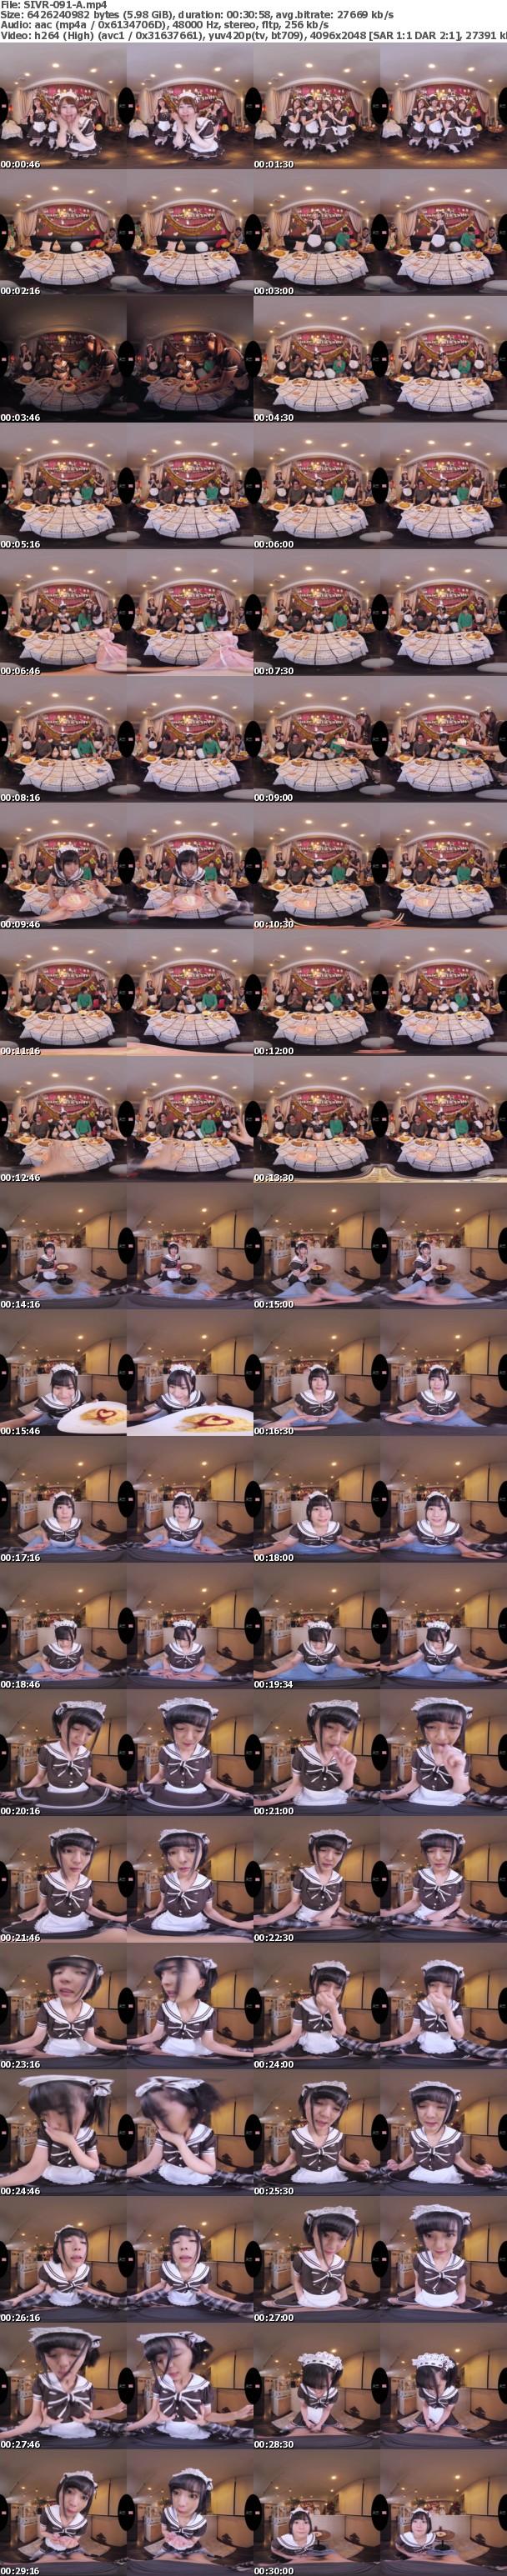 (VR) SIVR-091 生誕祭で盛り上がるメイドカフェの片隅でこっそり大胆にスローピストンで燃え上がり優越感とスリルに酔いしれながらサイレント絶頂SEX 乃木蛍